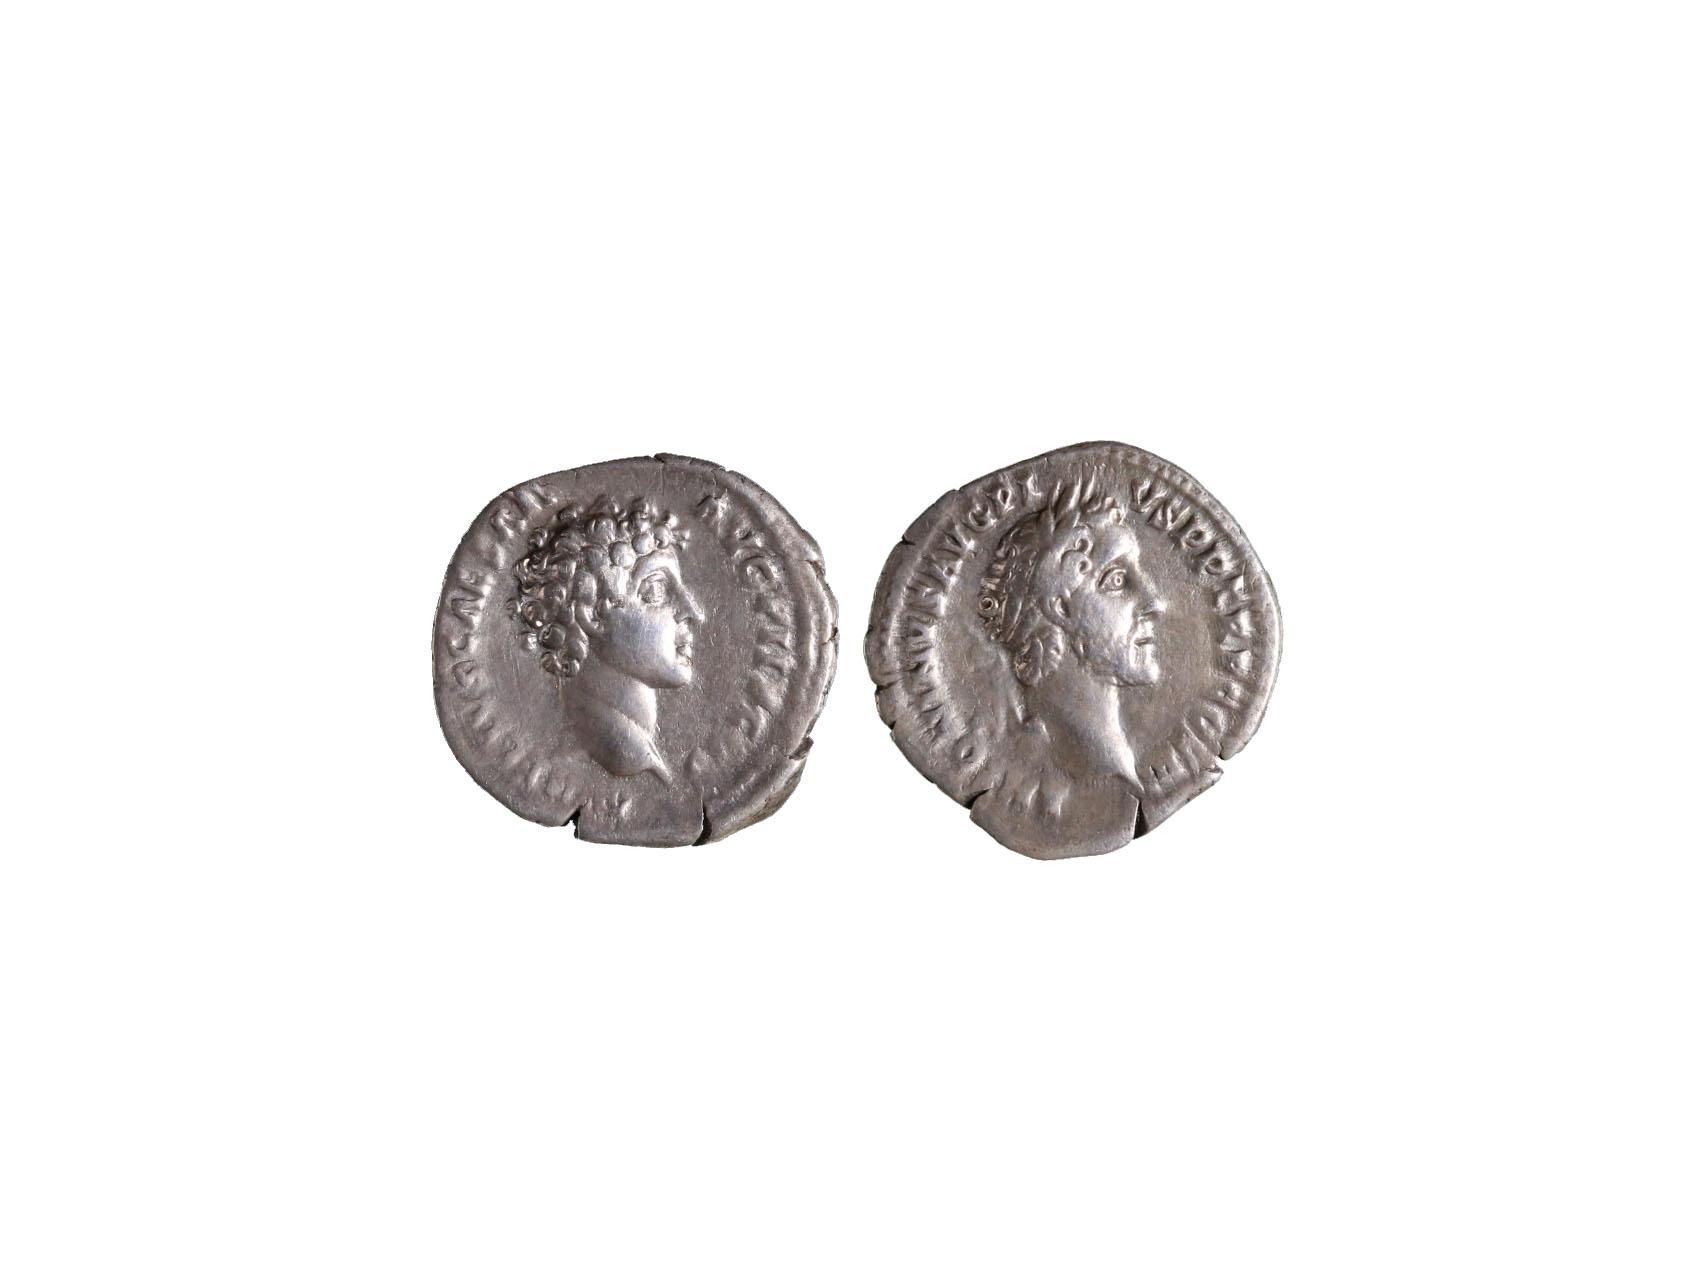 Řím císařství, Antoninus Pius pod Markem Aureliem 138-161 n.l. - Denár